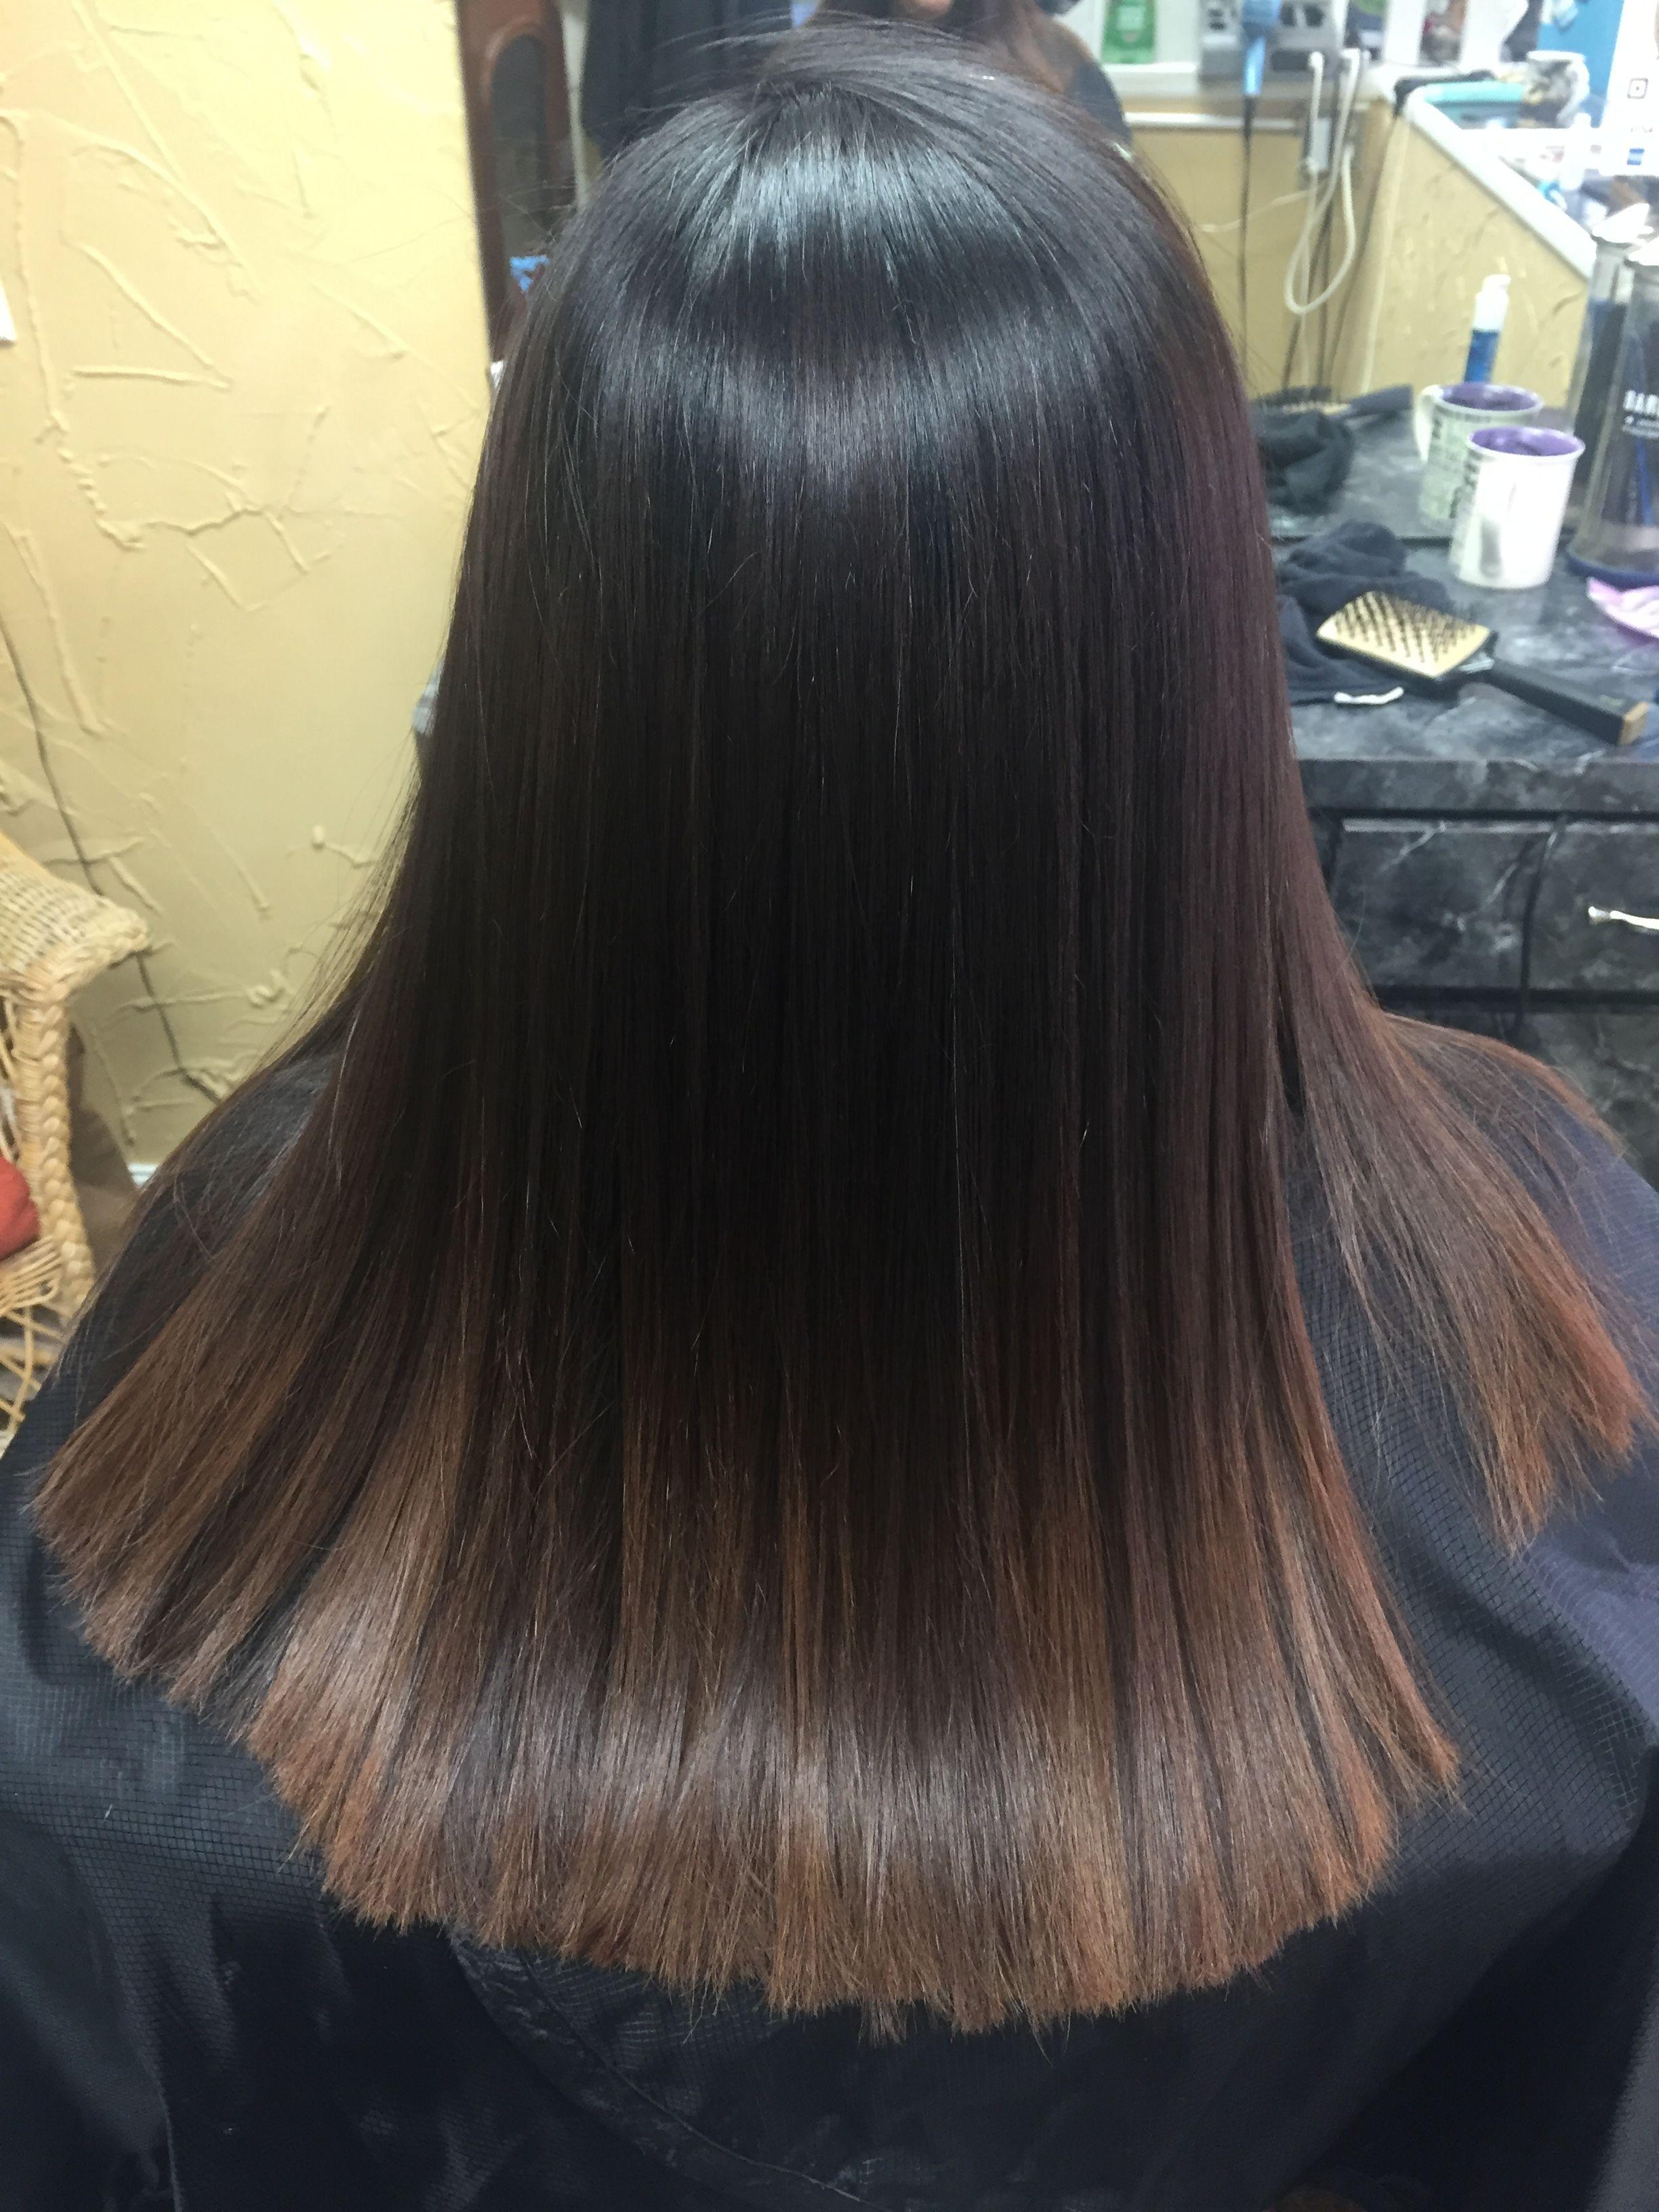 Pin by Shelby Schuemann on Hair By Shelby_Schuemann Hair